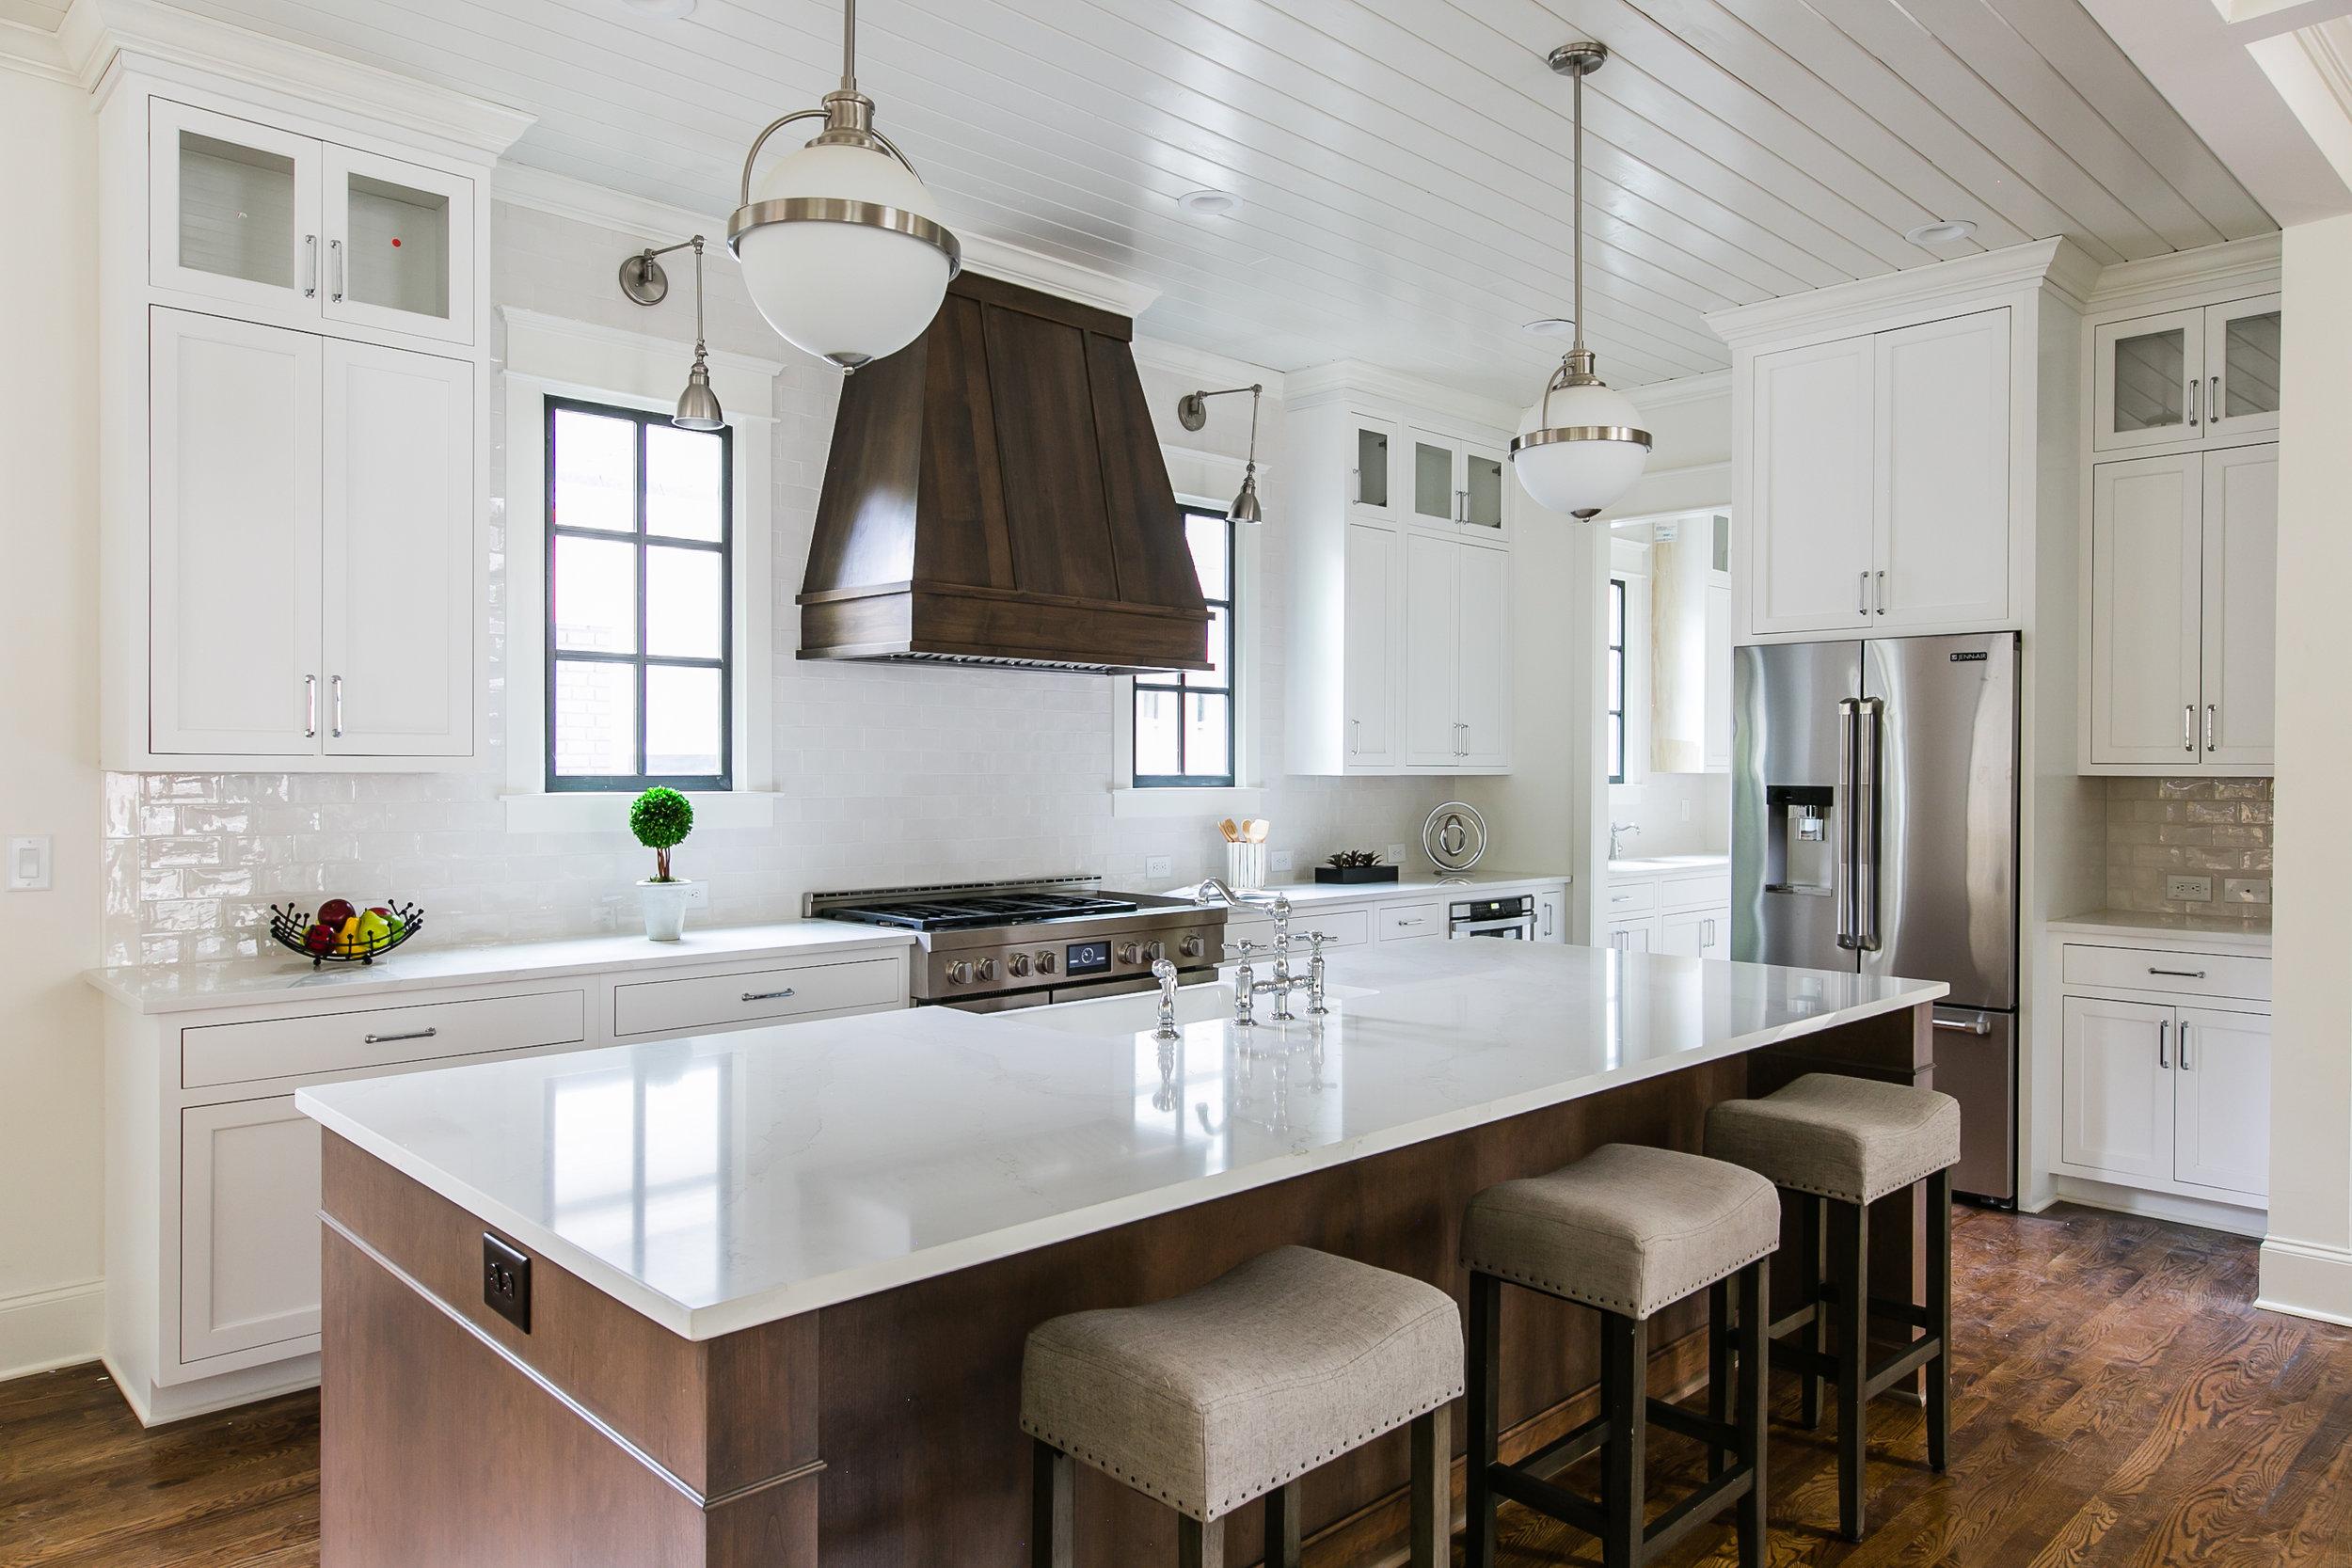 1388 N Morningside-Kitchen 1.jpg